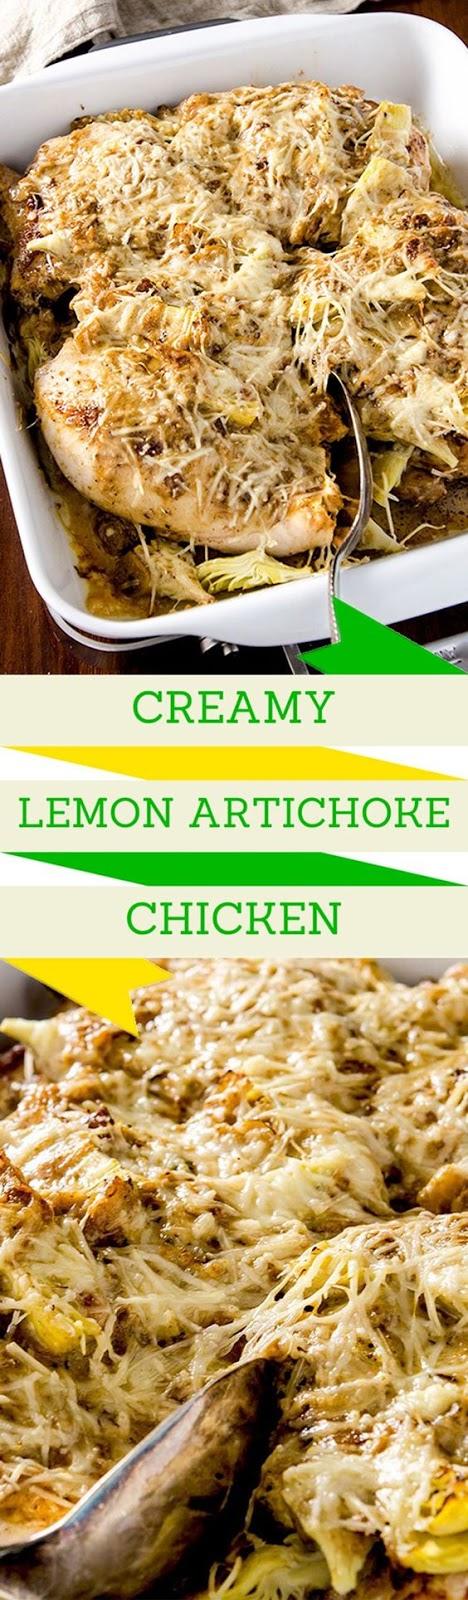 Lemon Artichoke Chicken